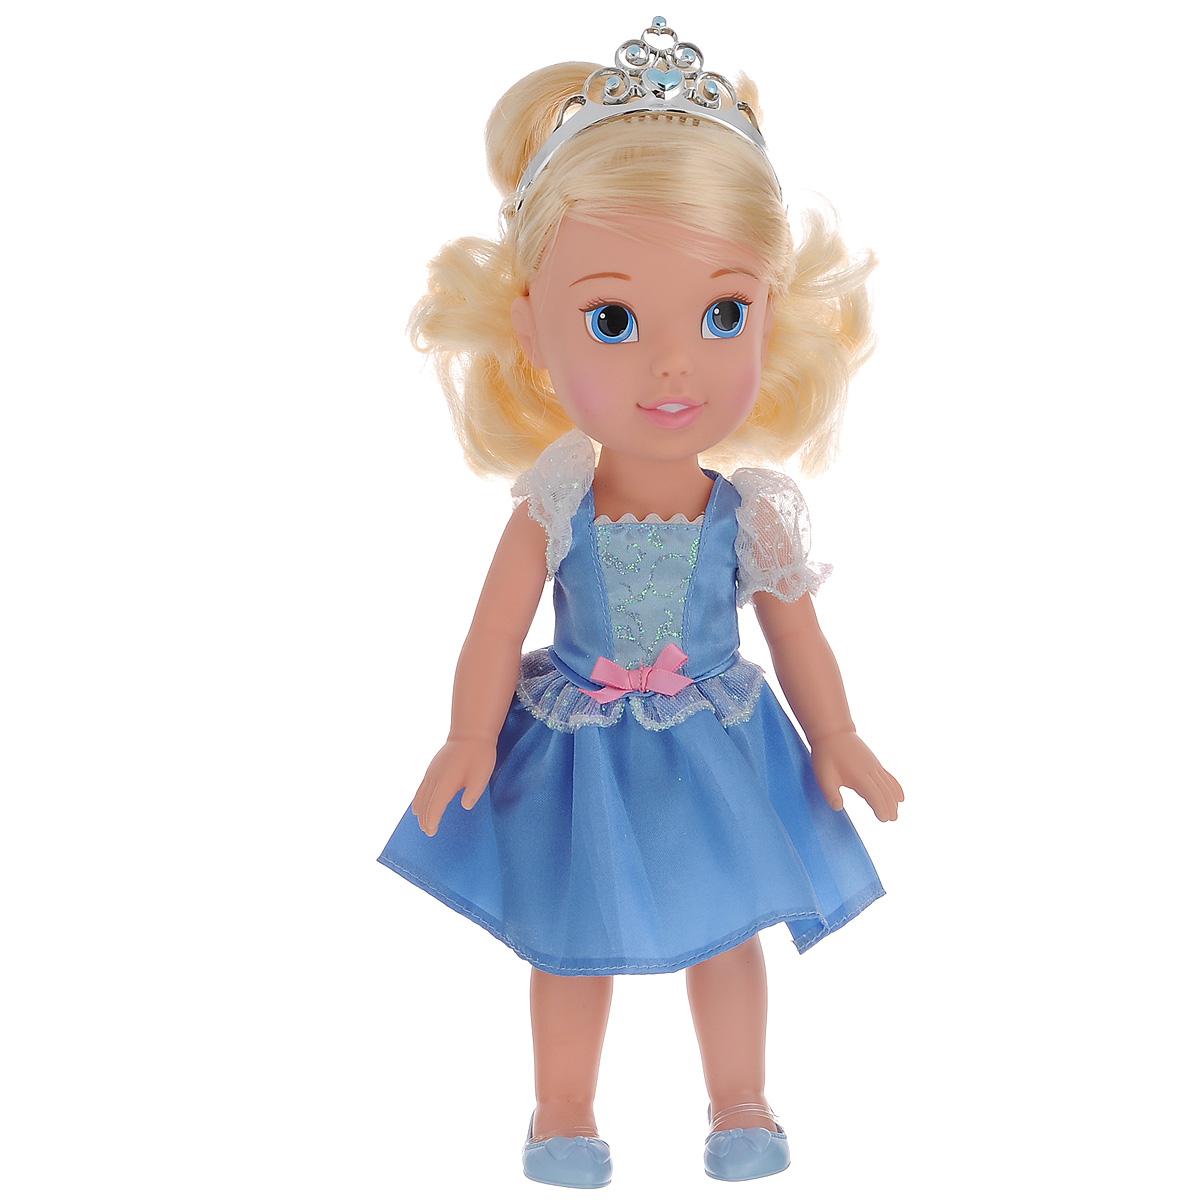 Disney Princess Кукла Малышка Золушка цвет платья голубой751170_ребенок ЗолушкиКукла Disney Princess Toddler Cinderella непременно понравится вашей дочурке. Кукла в виде Золушки выполнена из пластика и одета в прекрасное голубое платье с блестящими вставками, на ножках - голубые туфельки. У куклы шикарные светлые локоны, которые можно заплетать. Голову Золушки украшает серебристая тиара. Такая куколка очарует вас и вашу дочурку с первого взгляда! Ваша малышка с удовольствием будет играть с принцессой Золушкой, проигрывая сюжеты из мультфильма или придумывая различные истории. Порадуйте свою дочурку таким замечательным подарком!